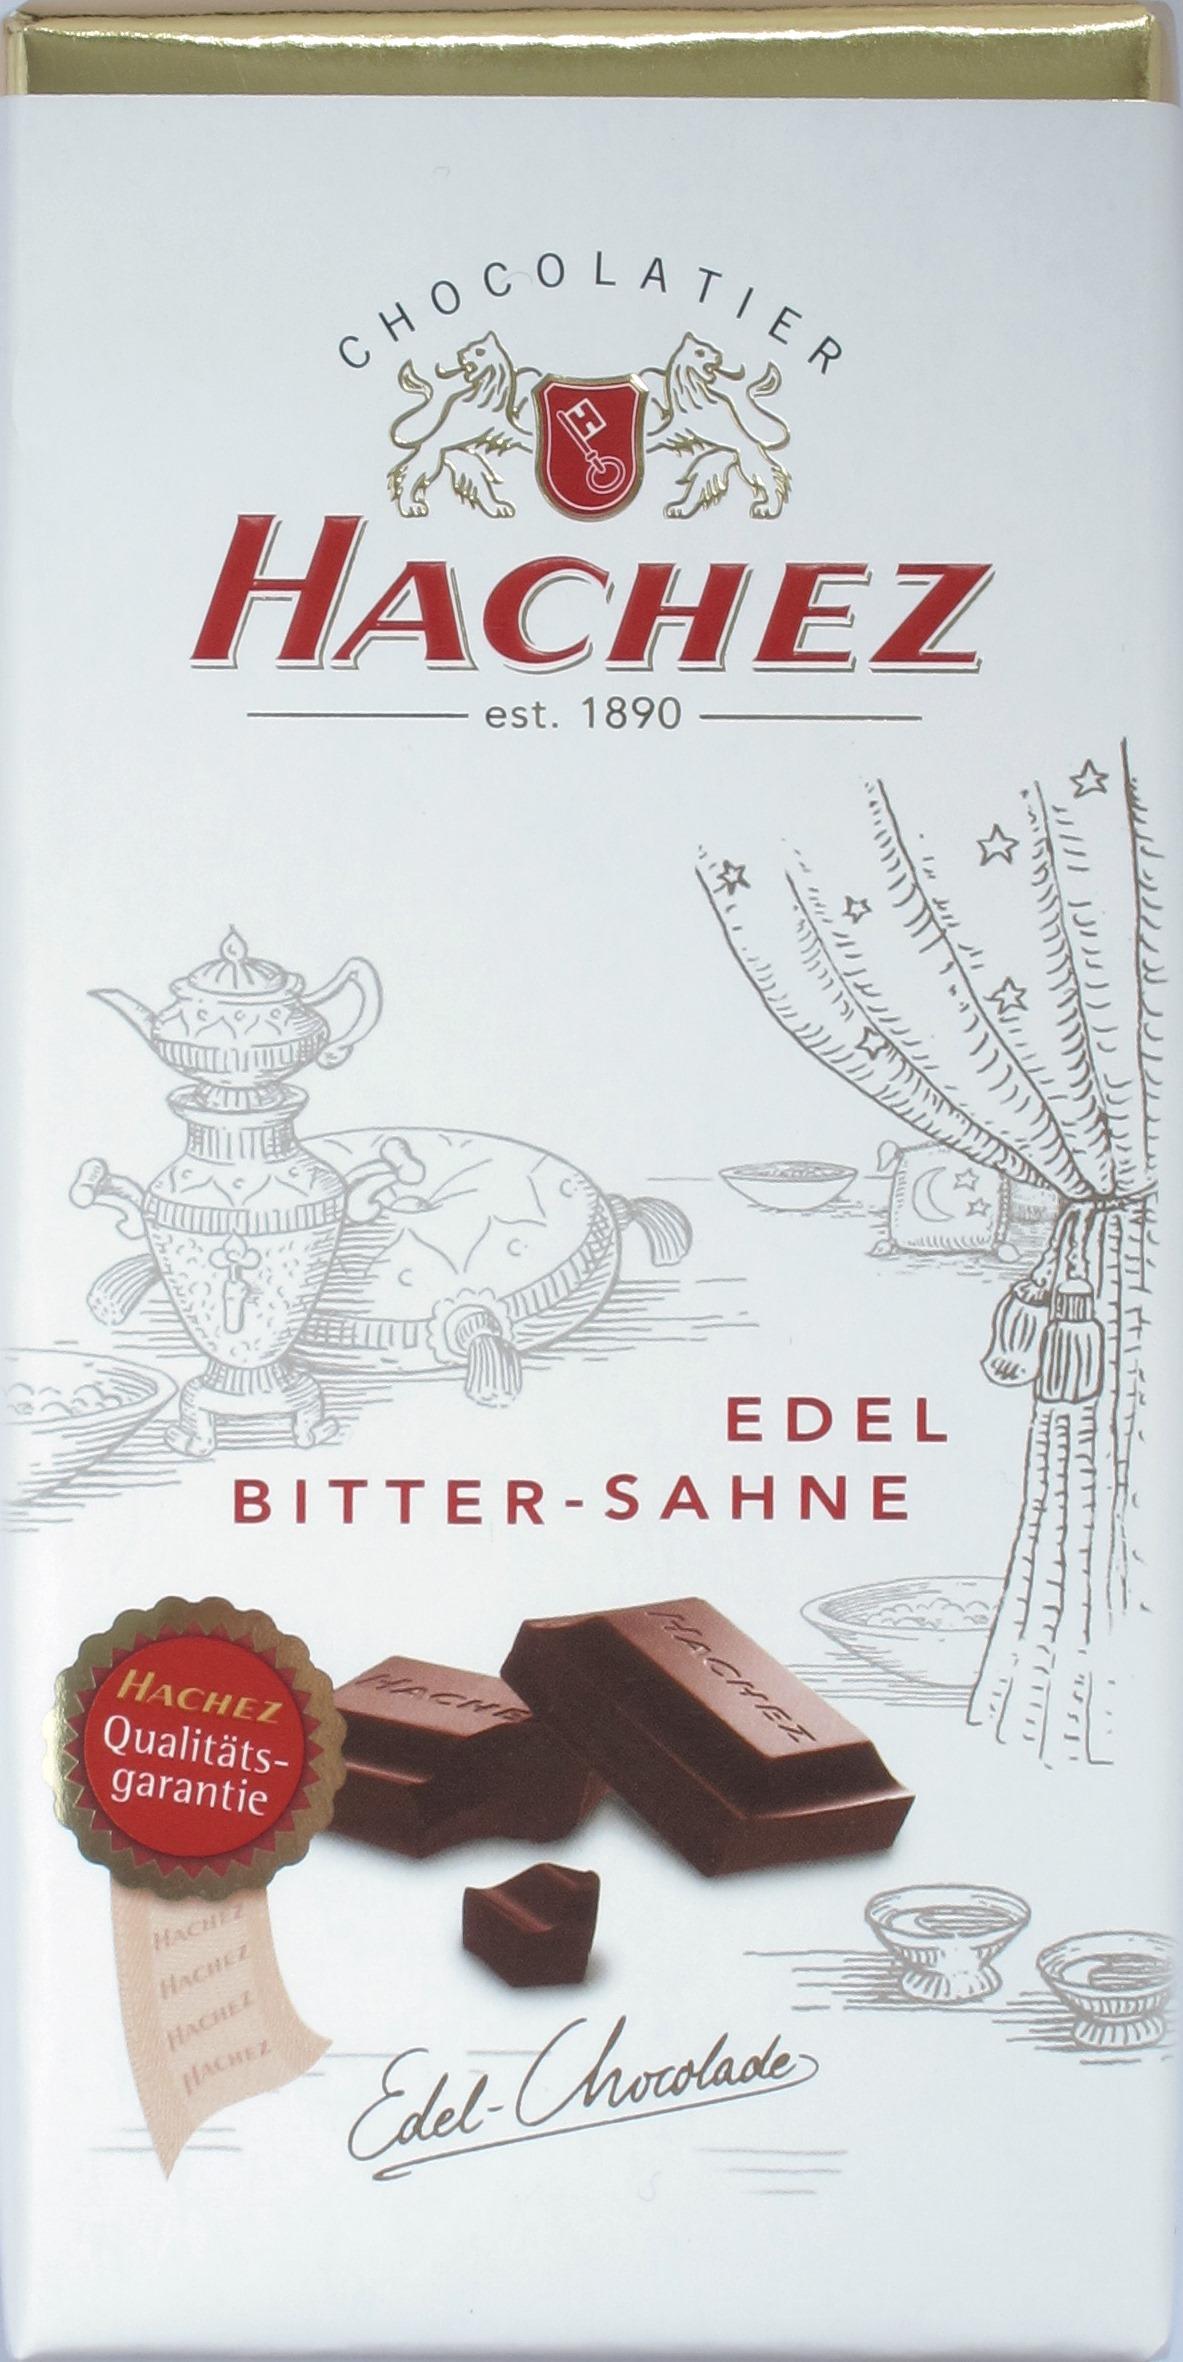 Hachez-Milchschokolade Edel Bitter-Sahne